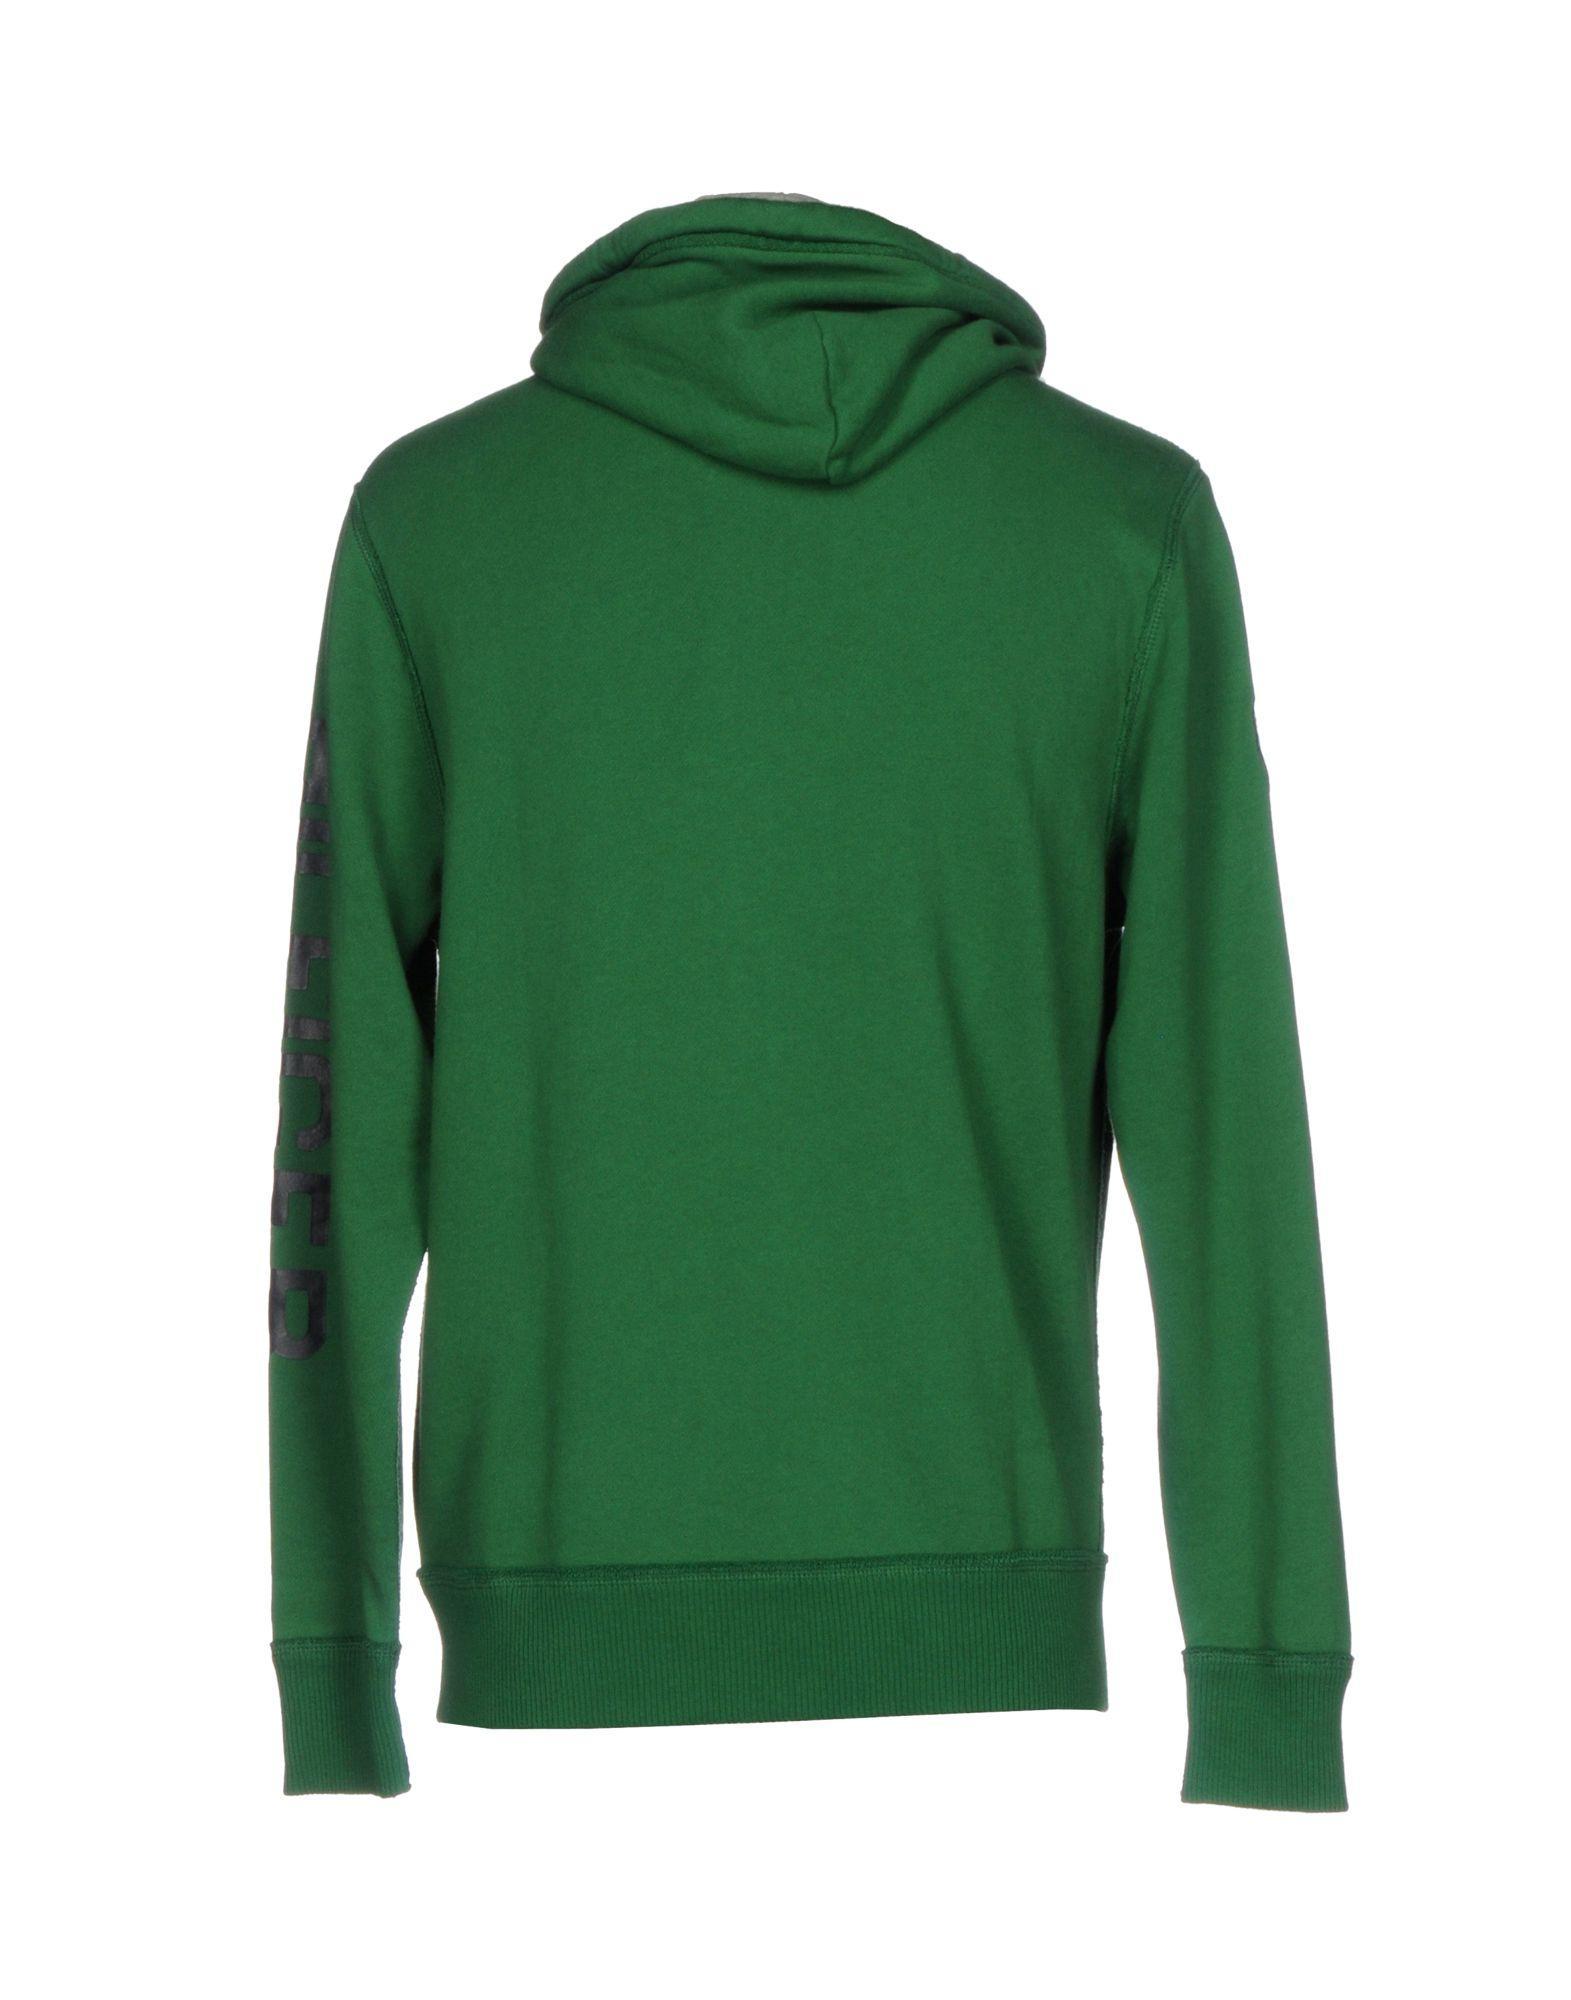 lyst tommy hilfiger sweatshirt in green for men. Black Bedroom Furniture Sets. Home Design Ideas